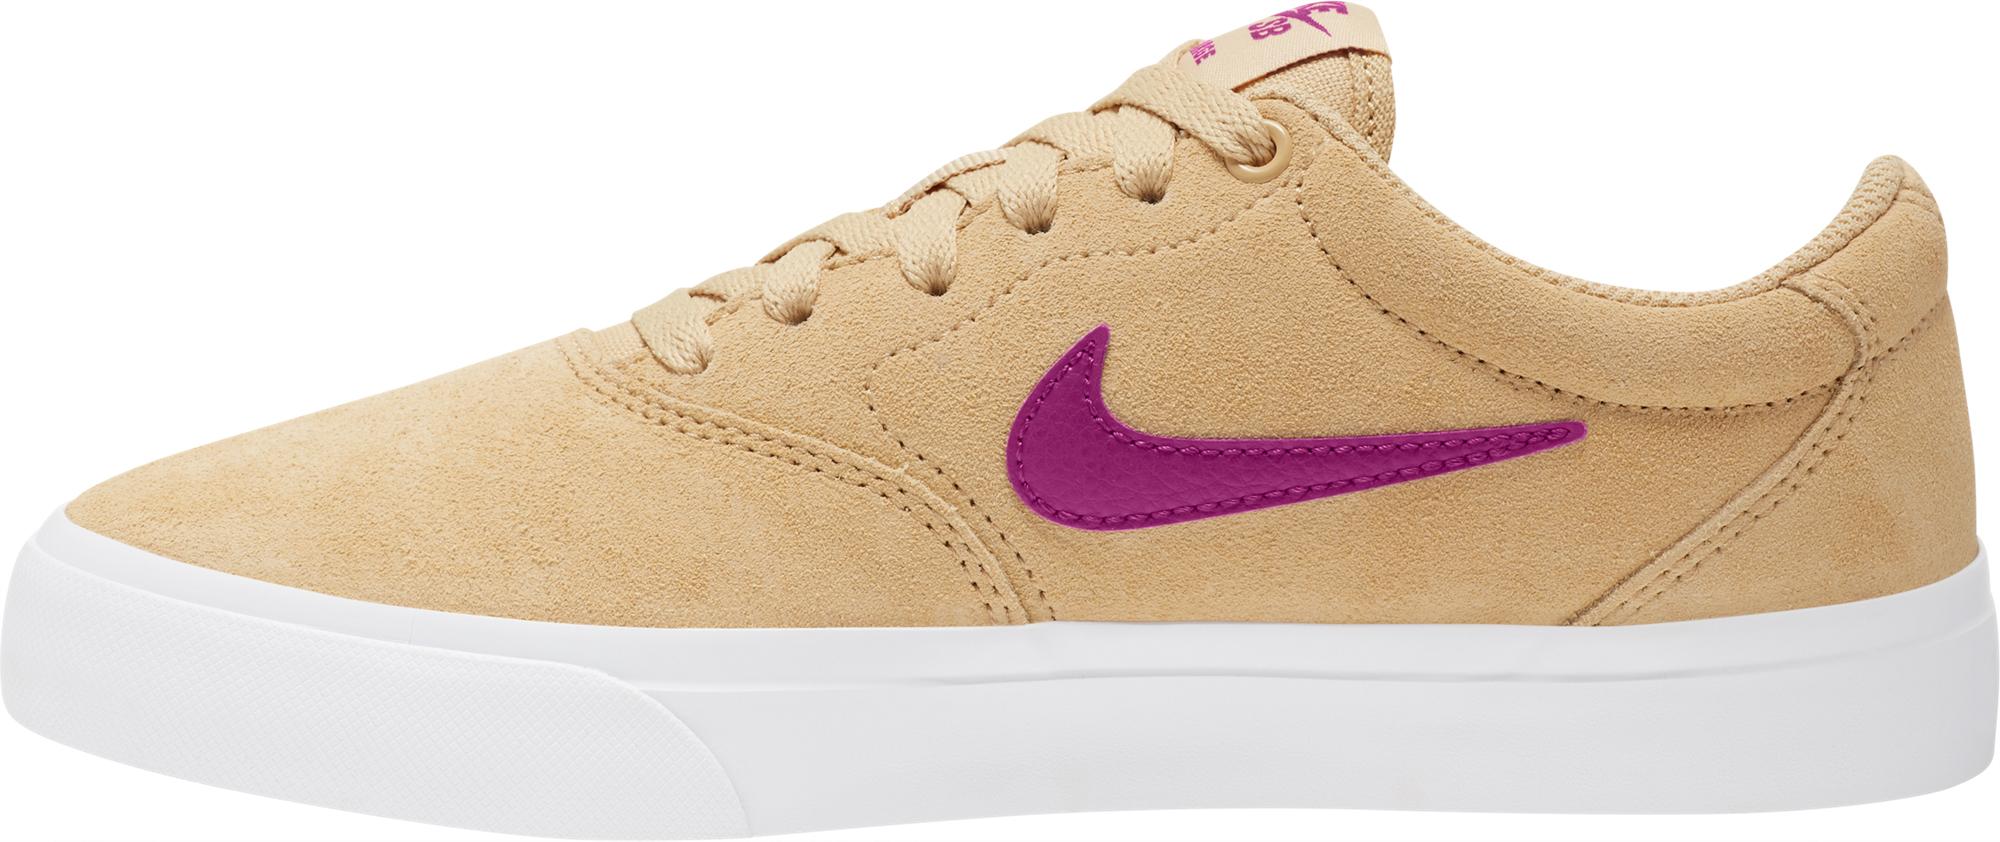 цена на Nike Кеды женские Nike WMNS Sb Charge Suede, размер 37